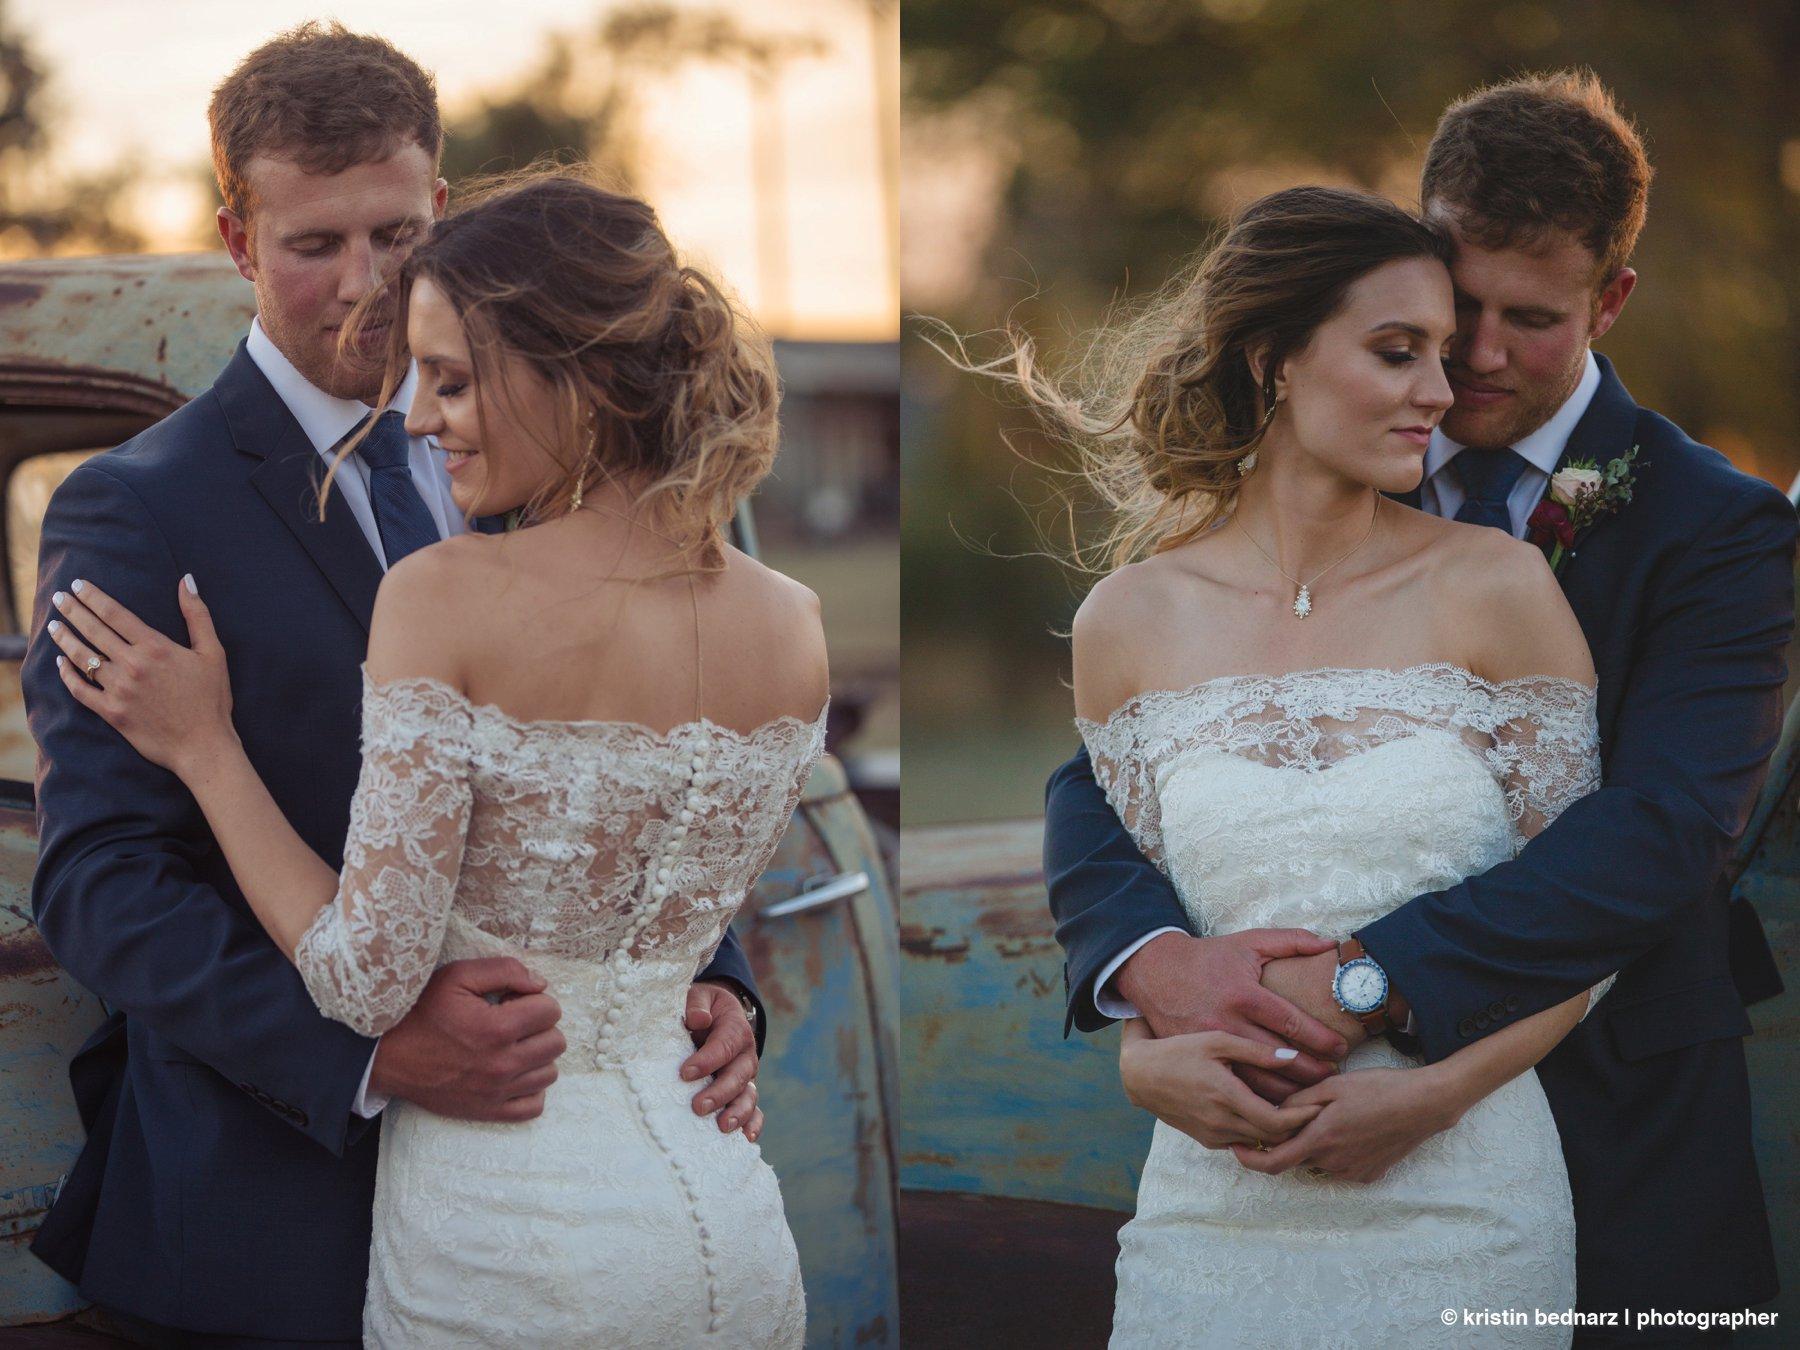 Krisitin_Bednarz_Lubbock_Wedding_Photographer_20180602_0084.JPG